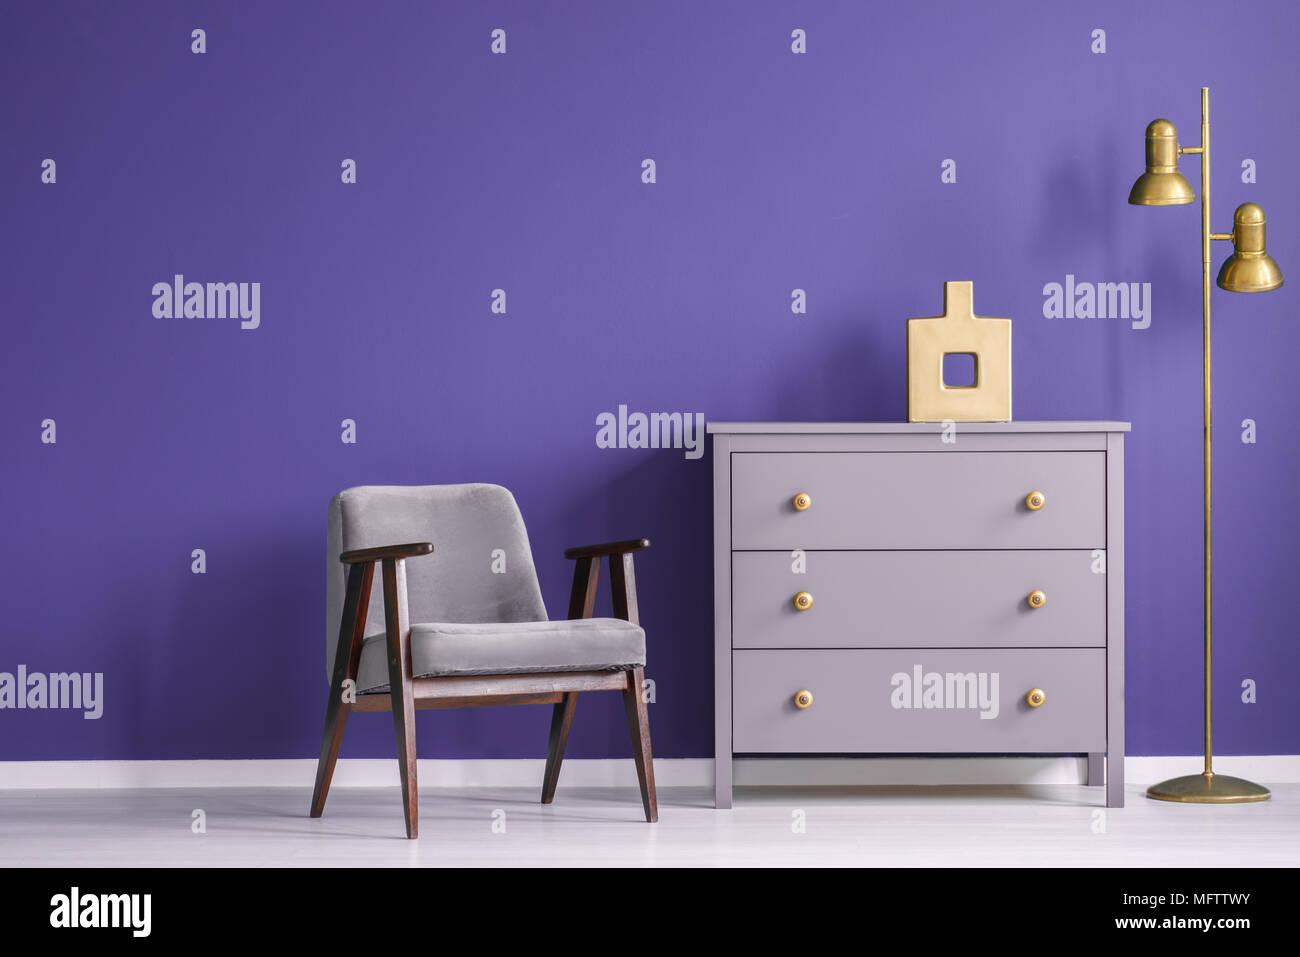 Ultra Violet Wohnzimmer Interieur Mit Retro Sessel Und Kommode Neben